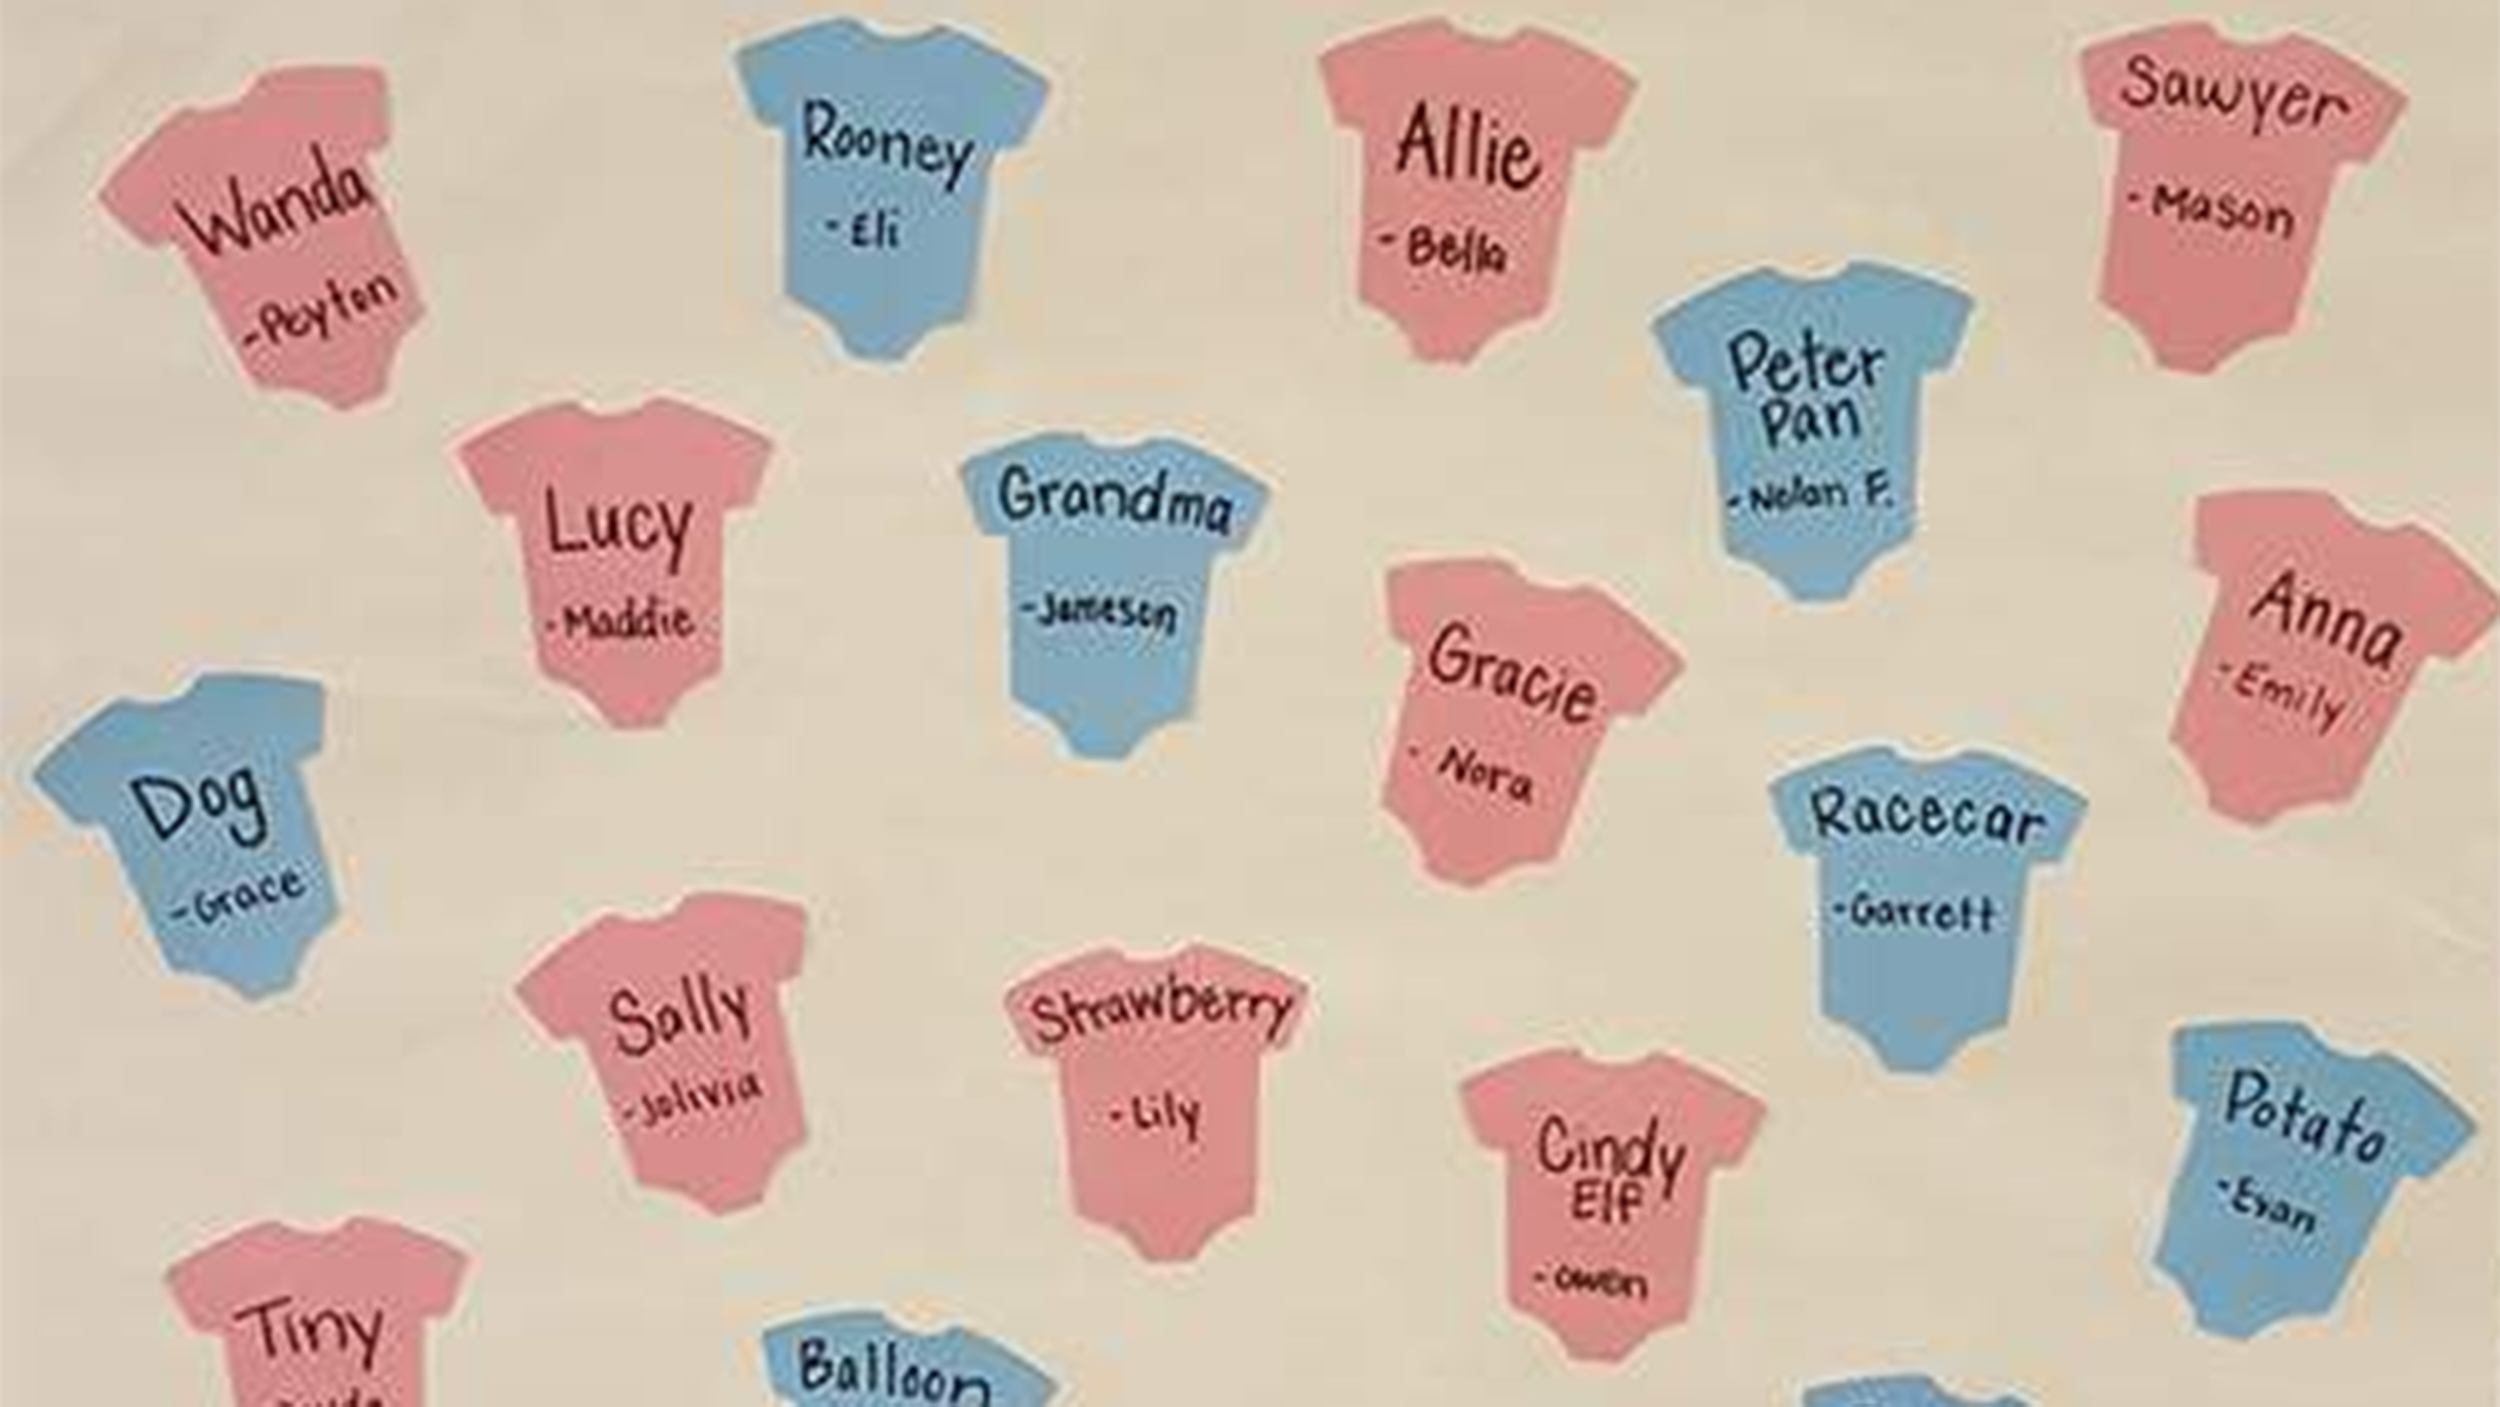 Preschoolers Pick Their Favorite Baby Names Like Peter